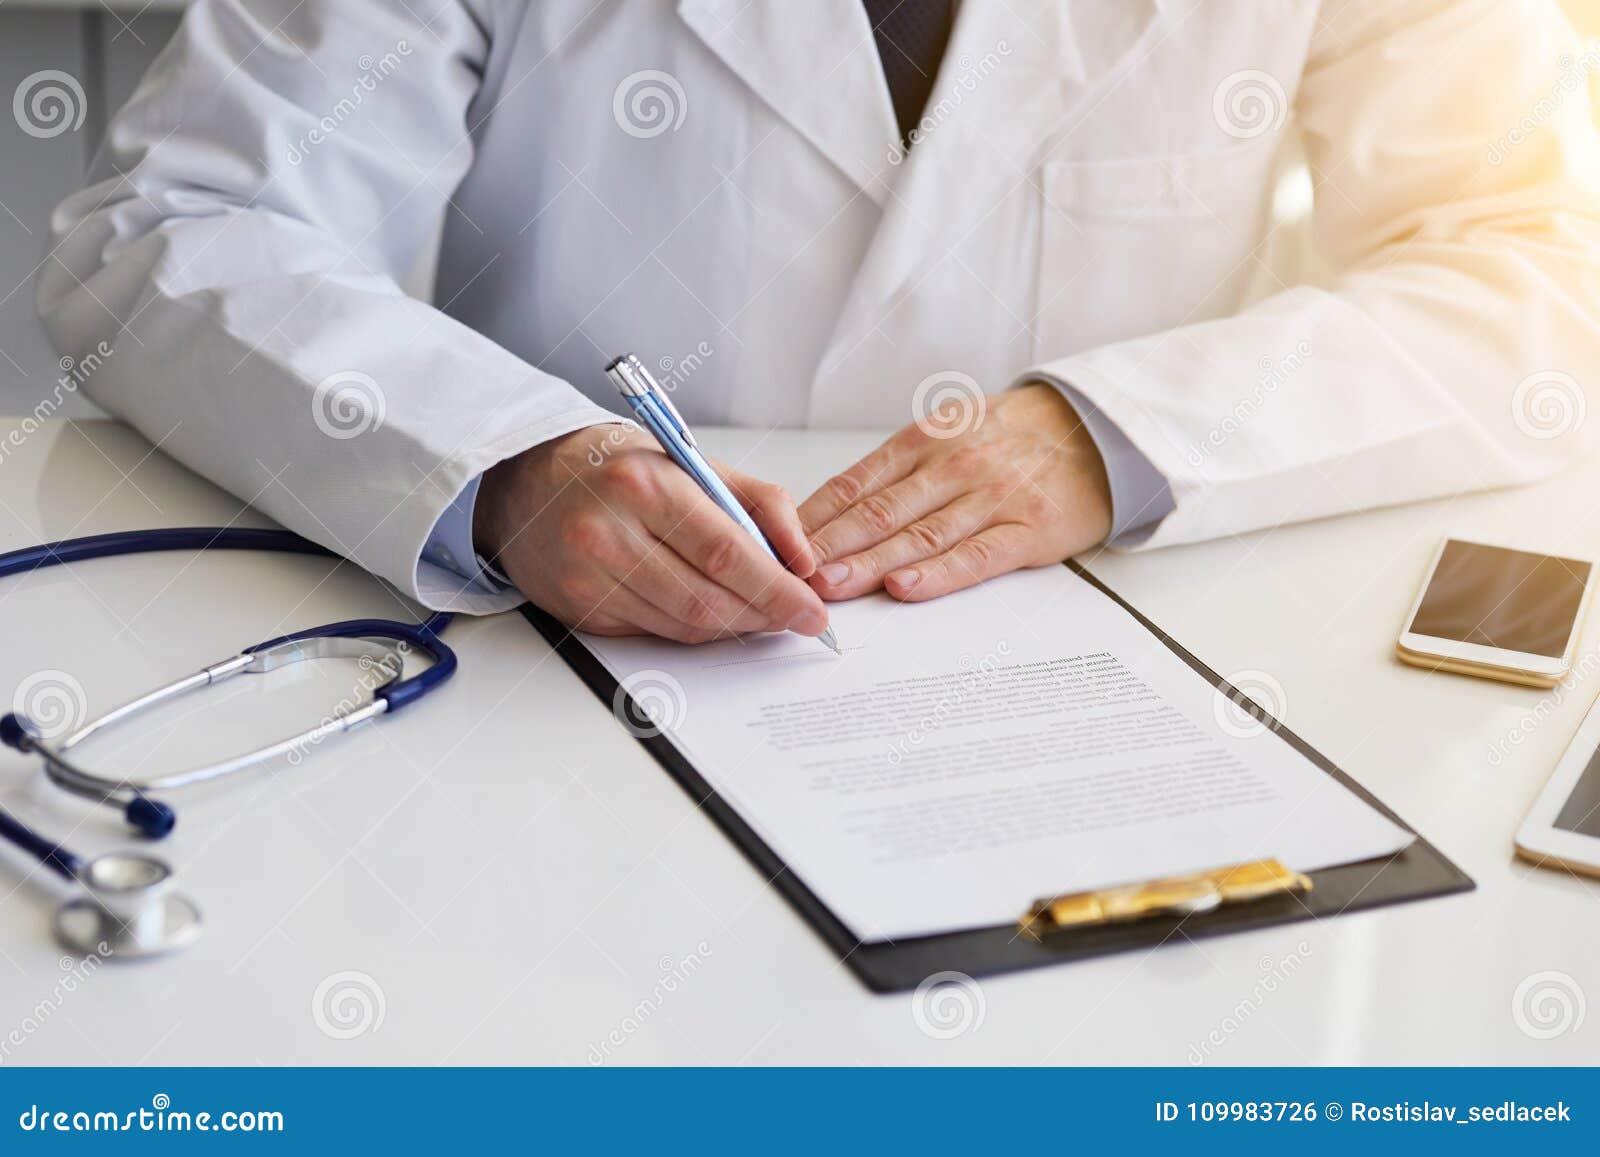 Αρσενική συνεδρίαση γιατρών στις σημειώσεις γραφείων και γραψίματος για την περιοχή αποκομμάτων